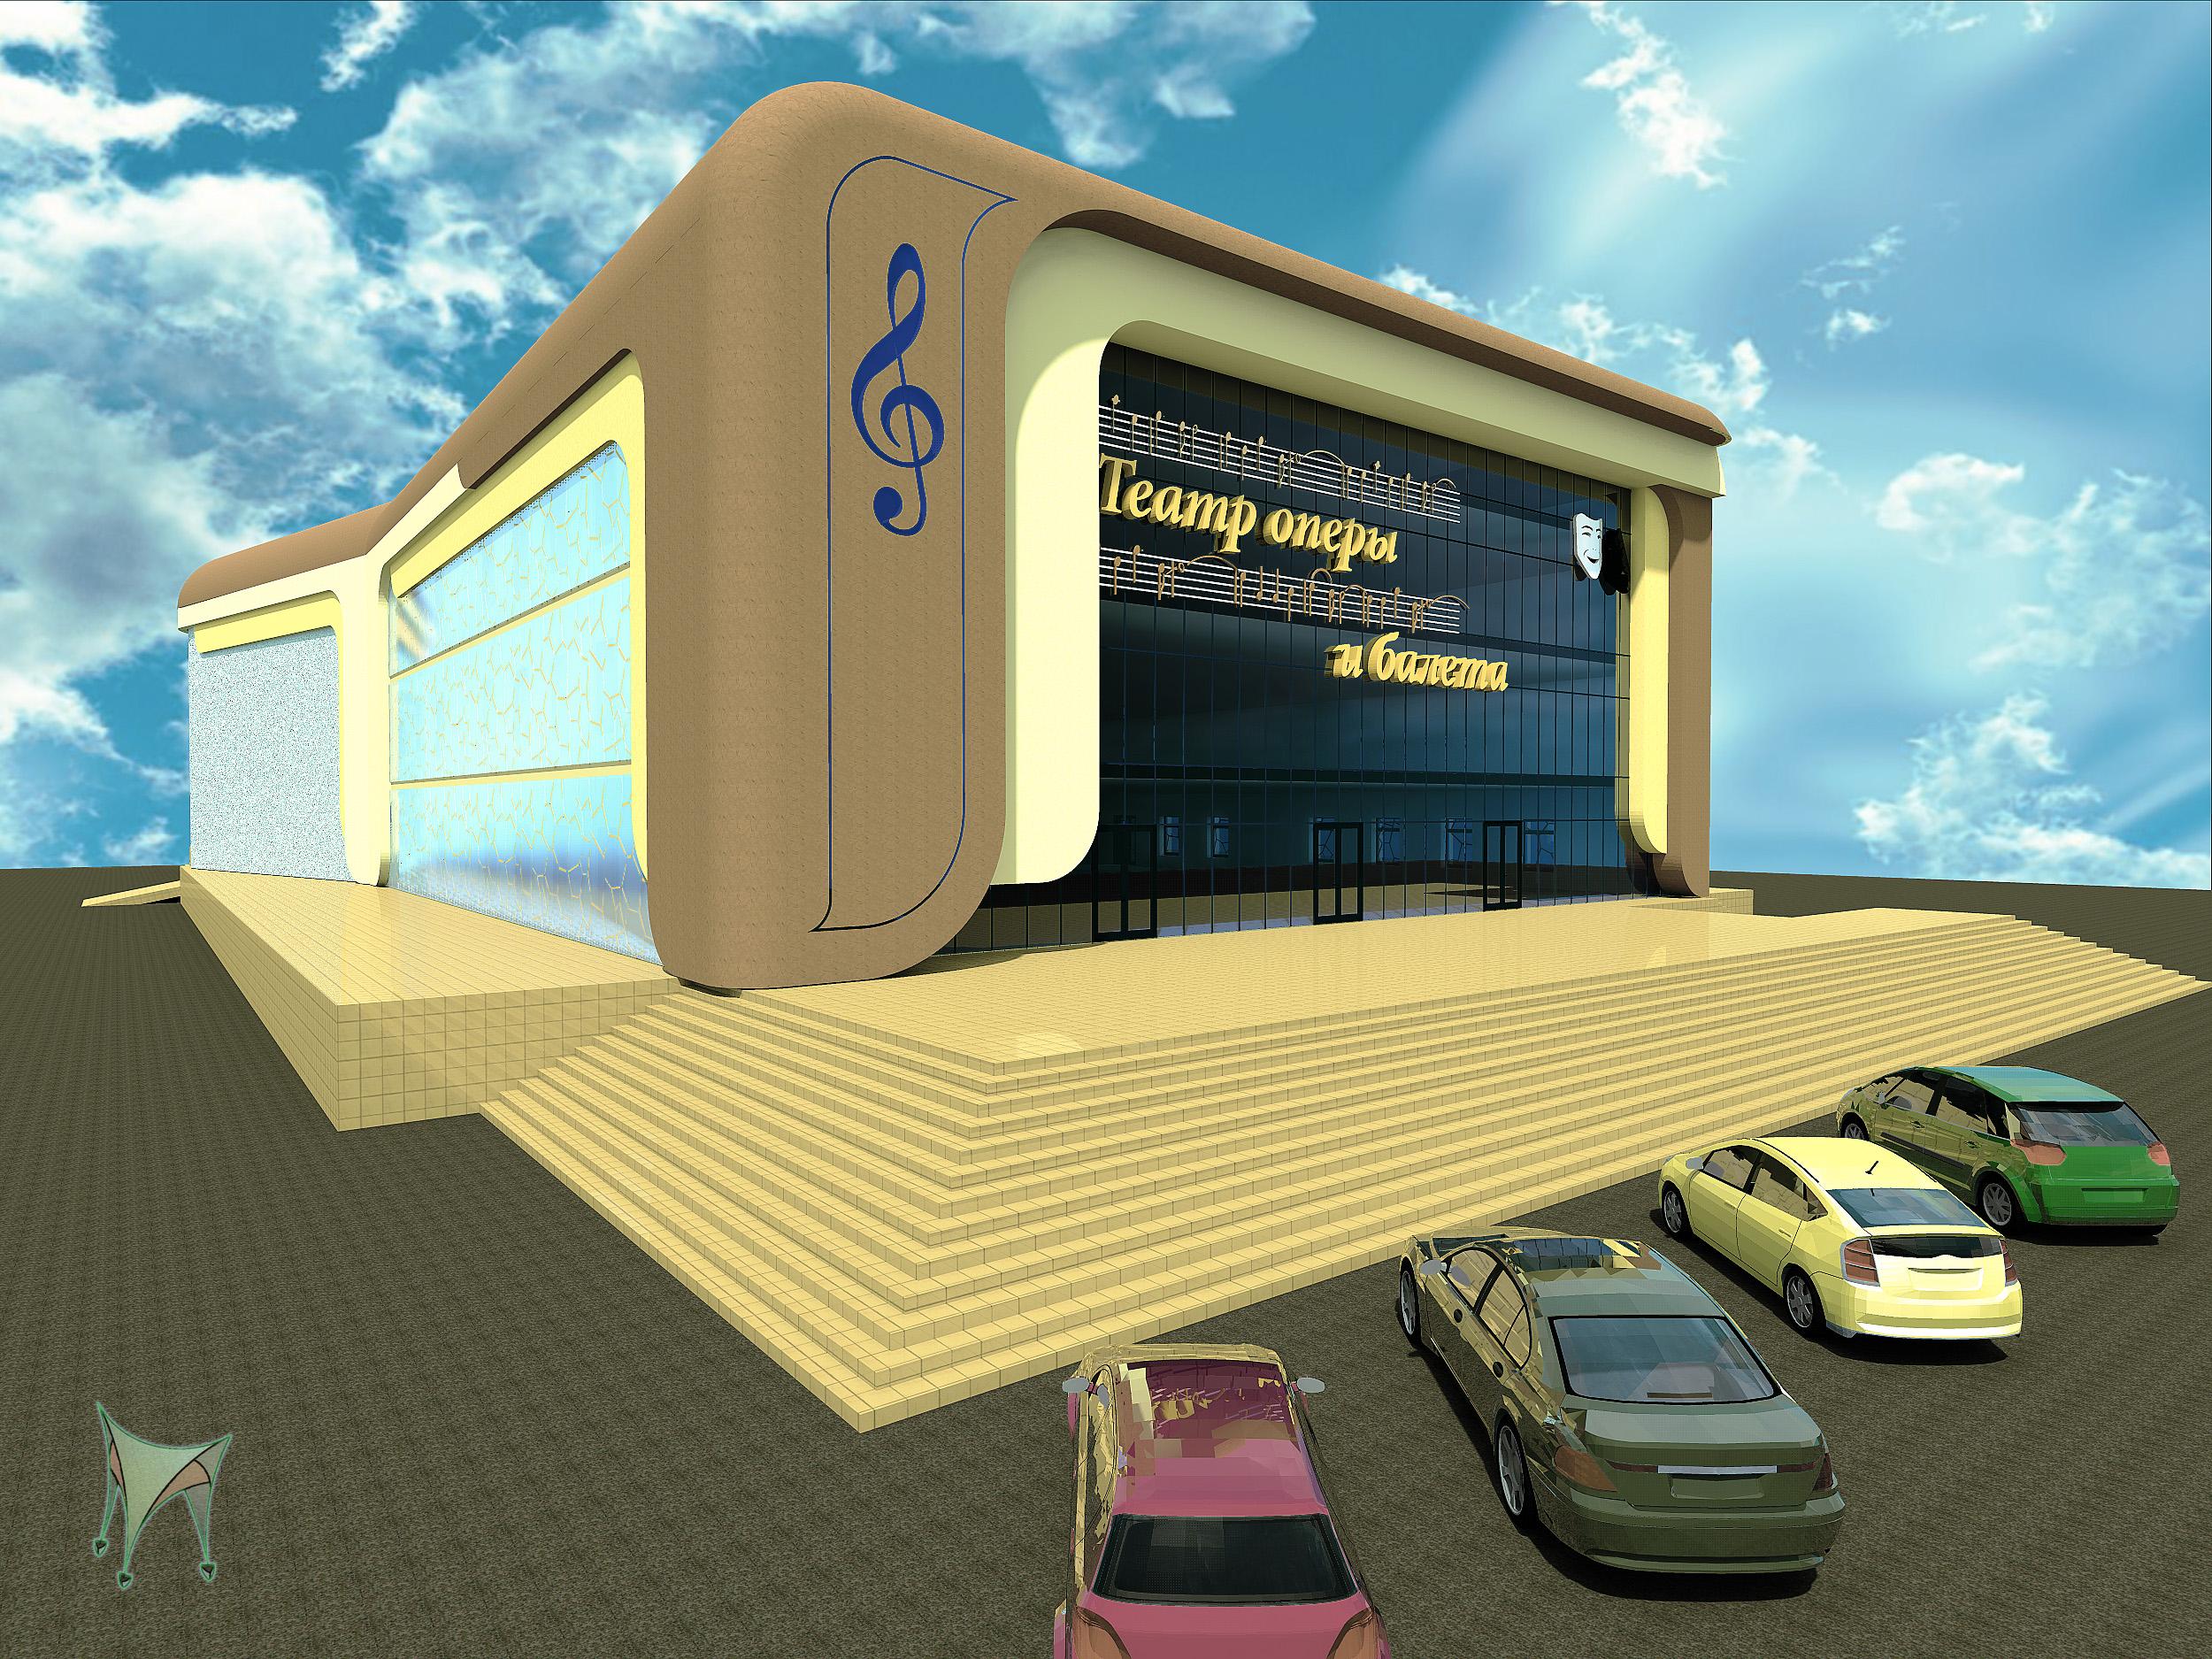 Разработка архитектурной концепции театра оперы и балета фото f_47952f4b76a9654a.jpg